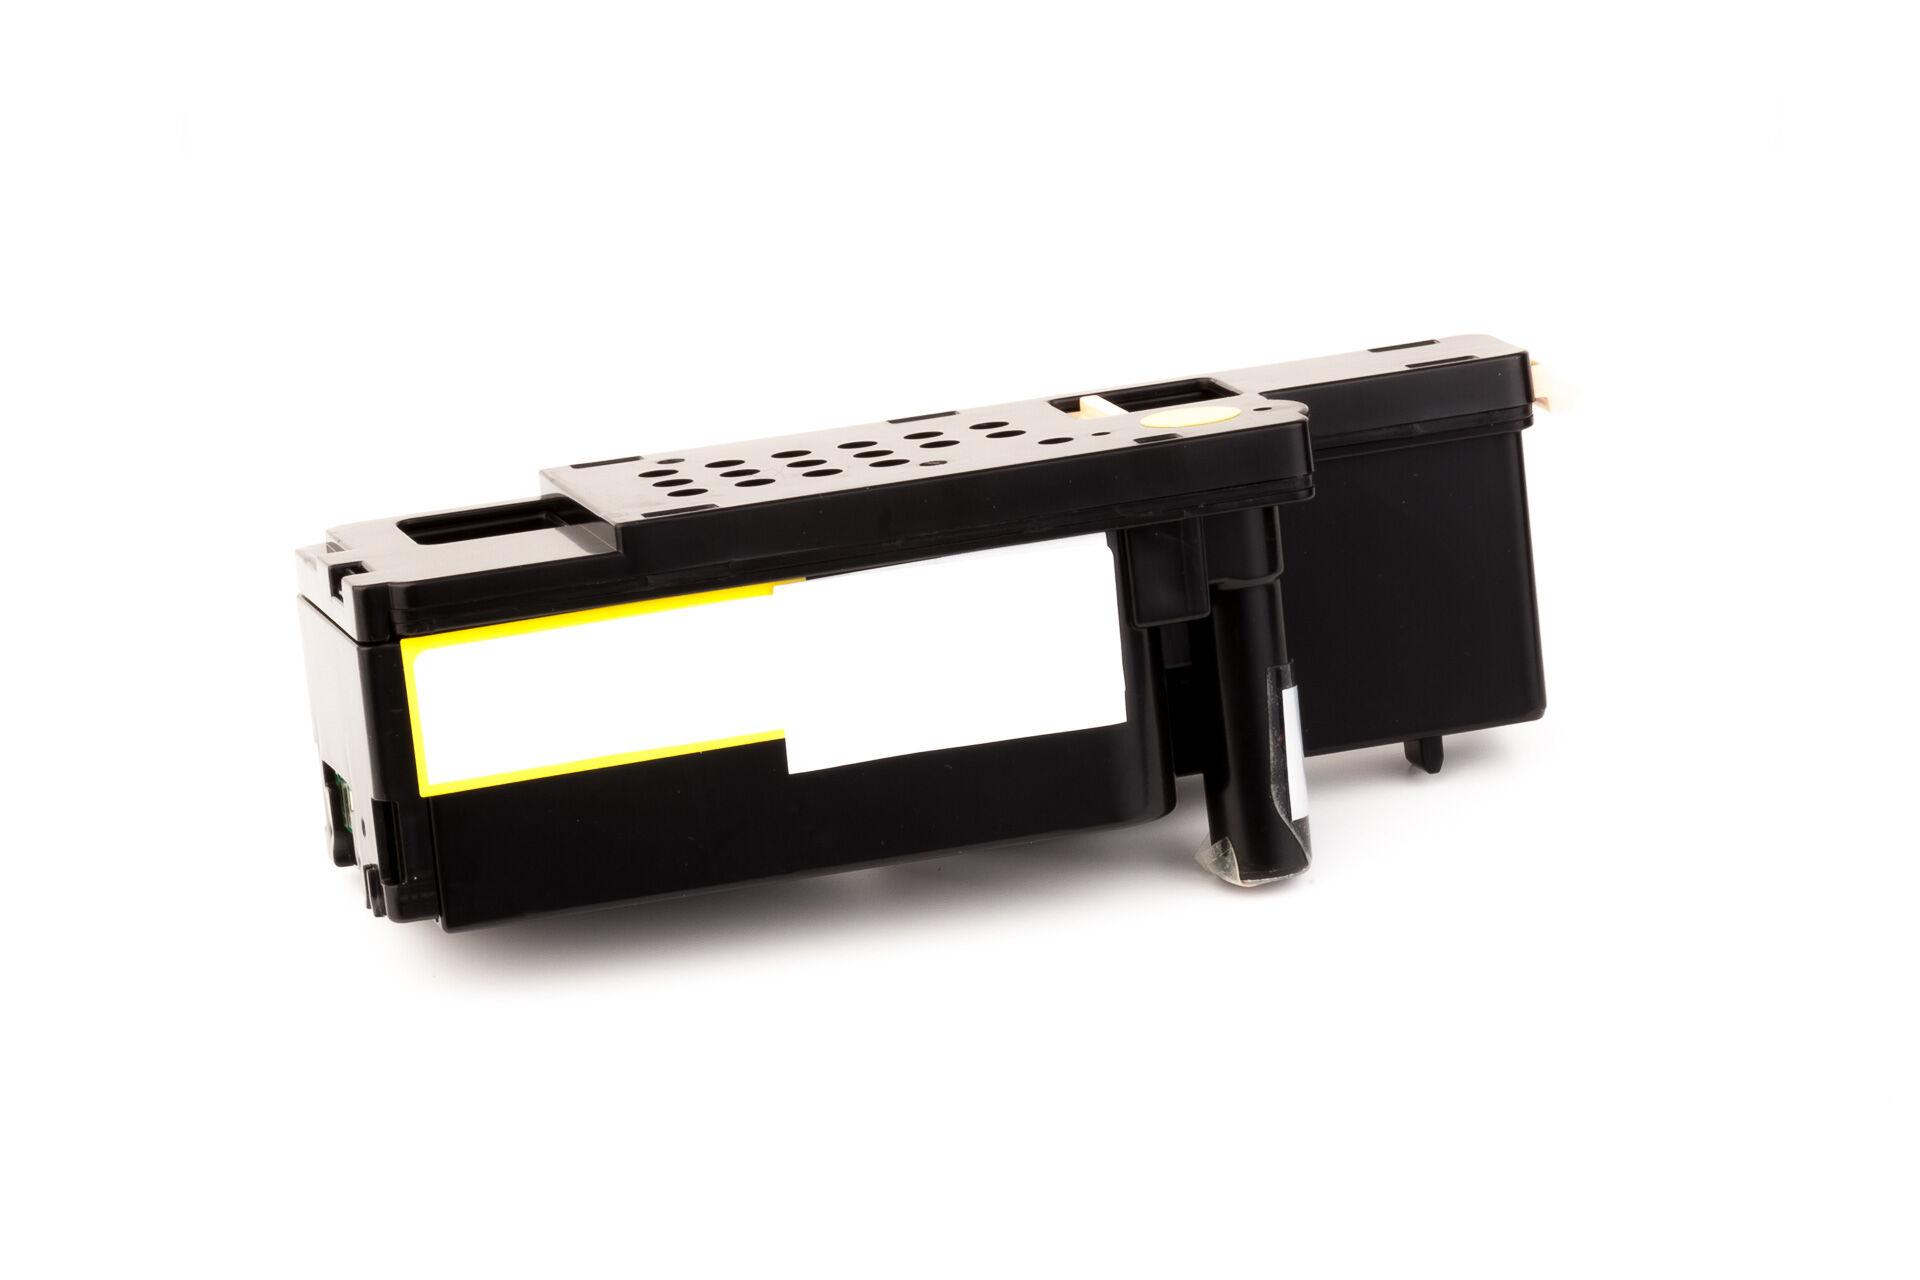 Dell Cartouche de Toner pour Dell 59311131 / XY7N4 jaune compatible (de marque ASC)